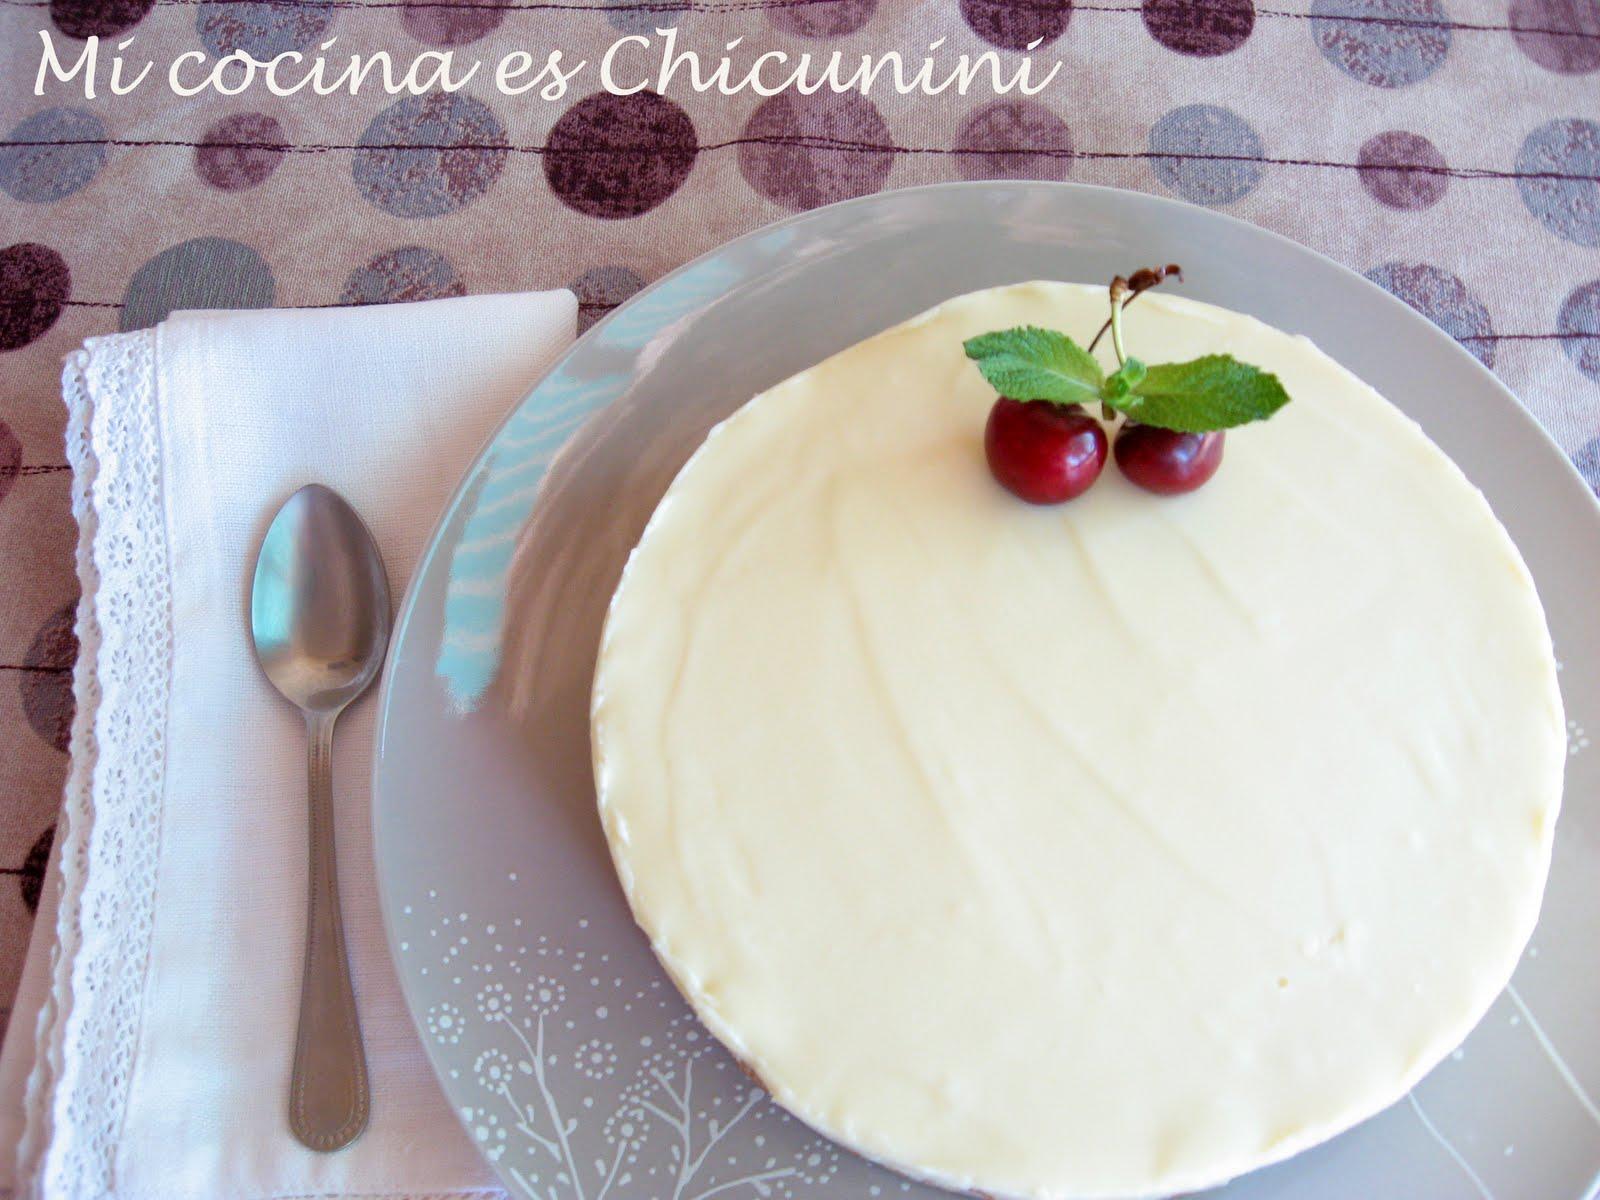 Baño Chocolate Blanco Para Tartas:yo me pregunto: ¿Hay alguien que no quiera uno? ¿ A quién no le